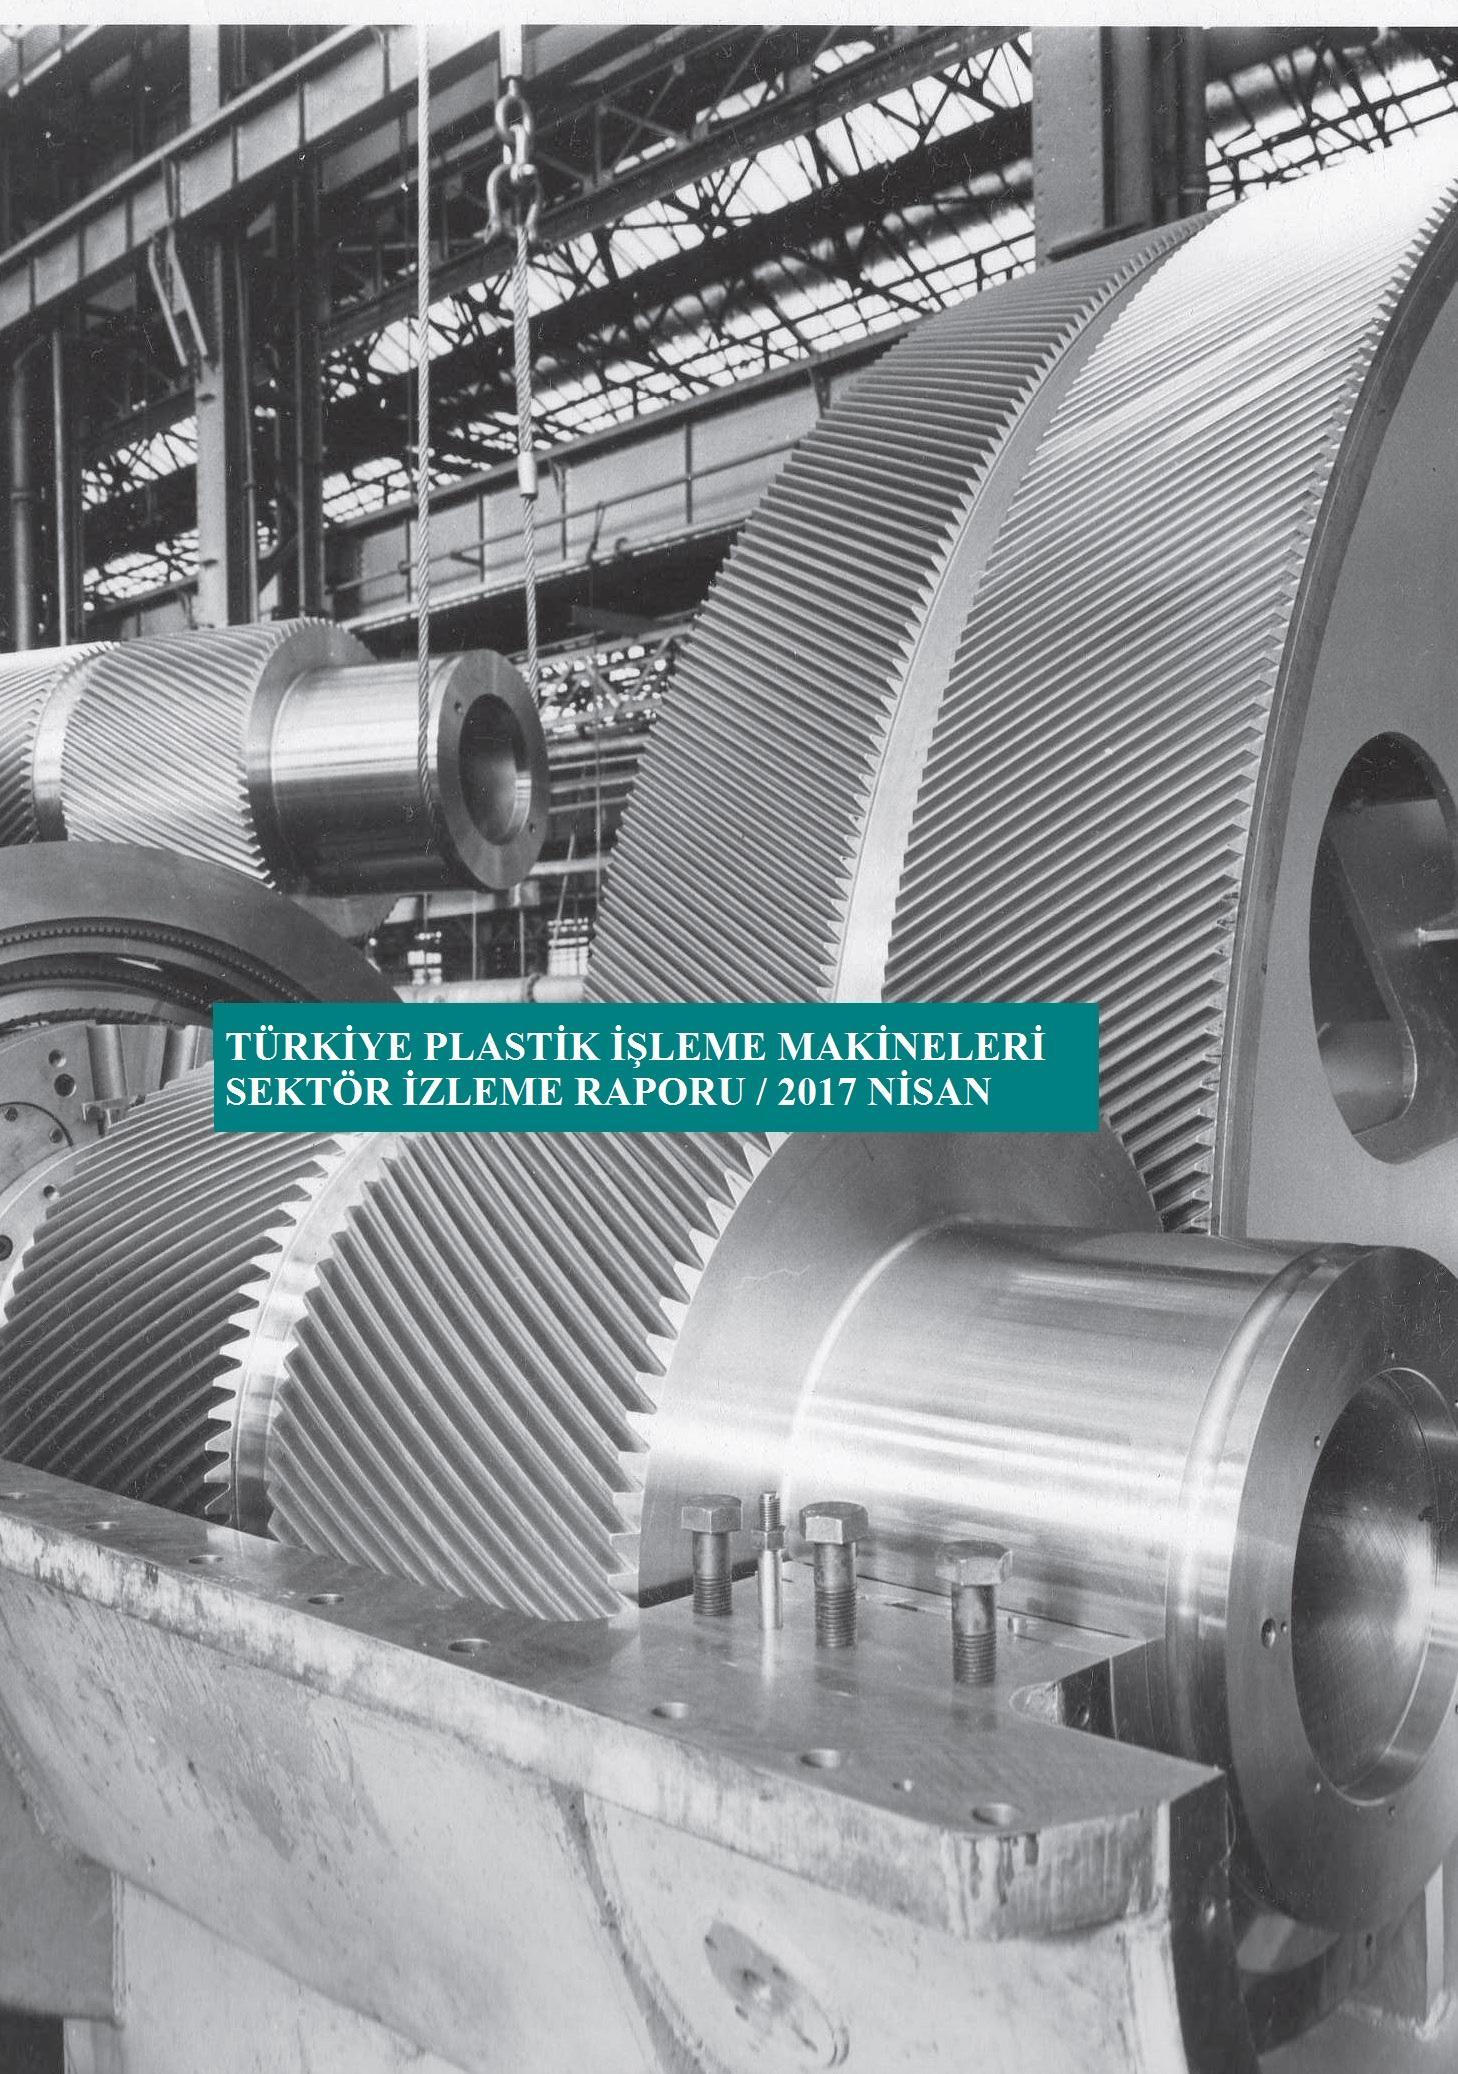 Türkiye Plastik İşleme Makinaları Sektör İzleme Raporu / 2017 Nisan